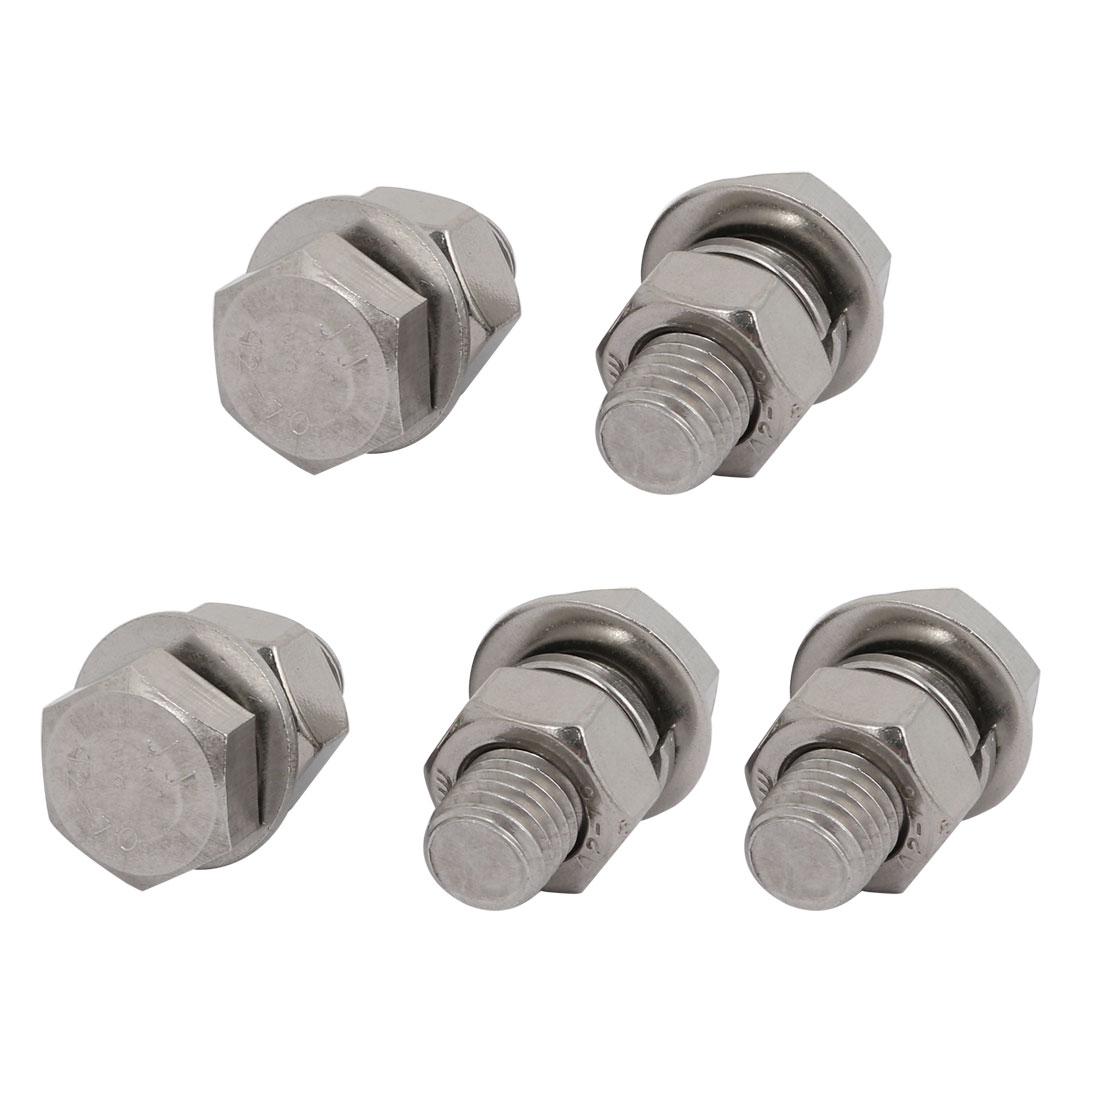 5 Set M6x50mm vis T/ête Hex acier Inox 316 Kit Assortiment /Écrou rondelle